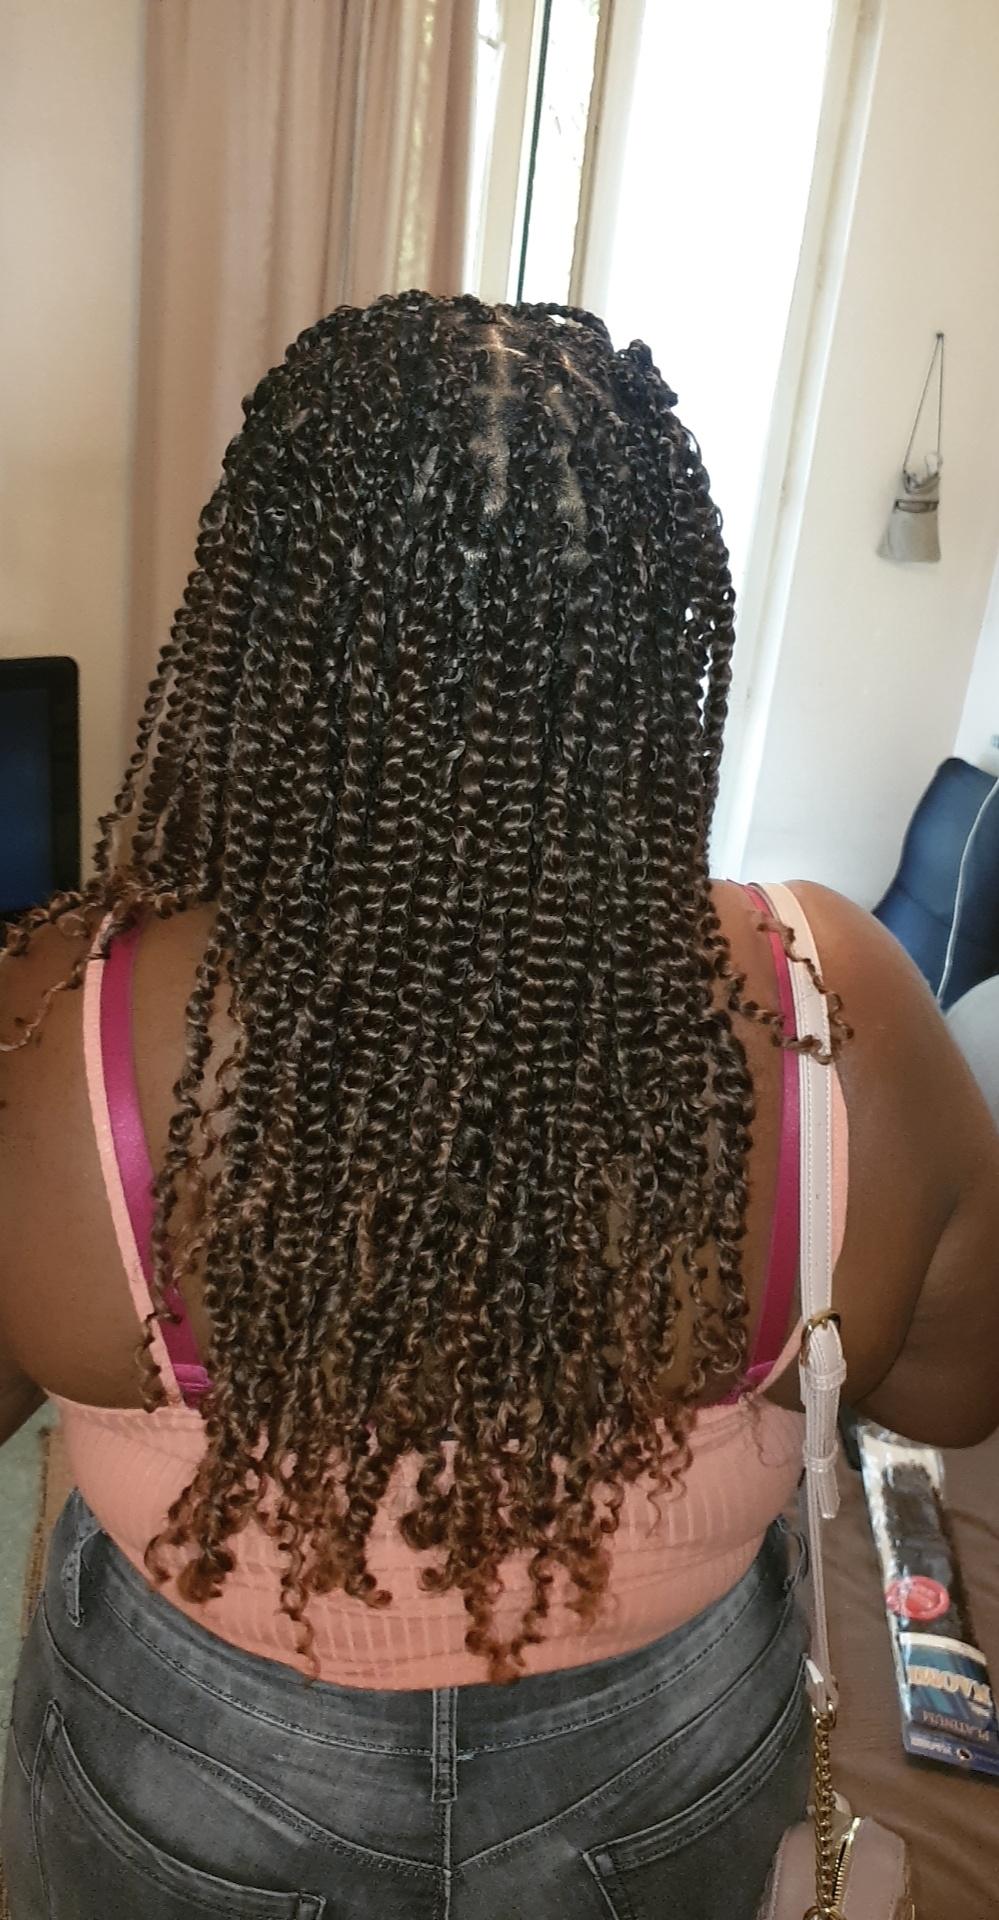 salon de coiffure afro tresse tresses box braids crochet braids vanilles tissages paris 75 77 78 91 92 93 94 95 PNUBGXAS